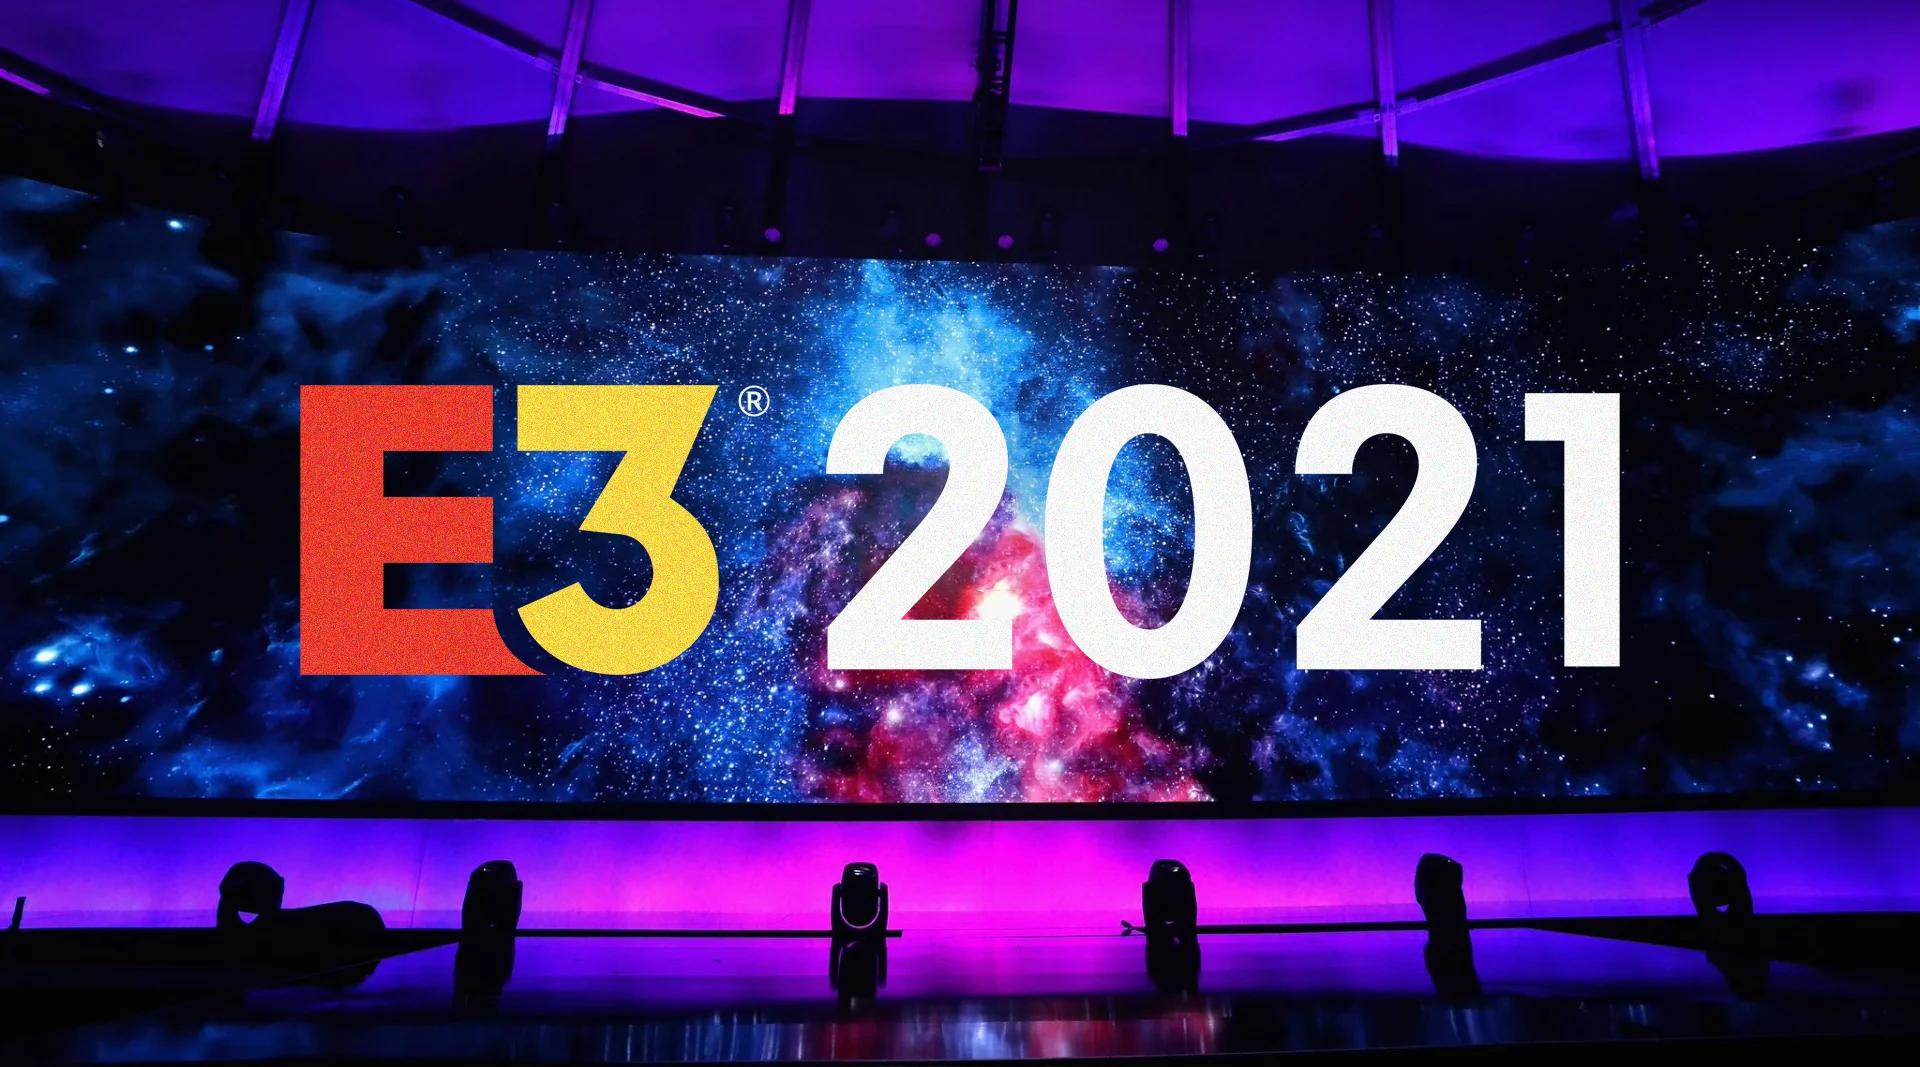 Thêm ba cái tên nữa sẽ tham gia hội chợ game E3 2021: Activision, Sega và Bandai Namco - Ảnh 1.